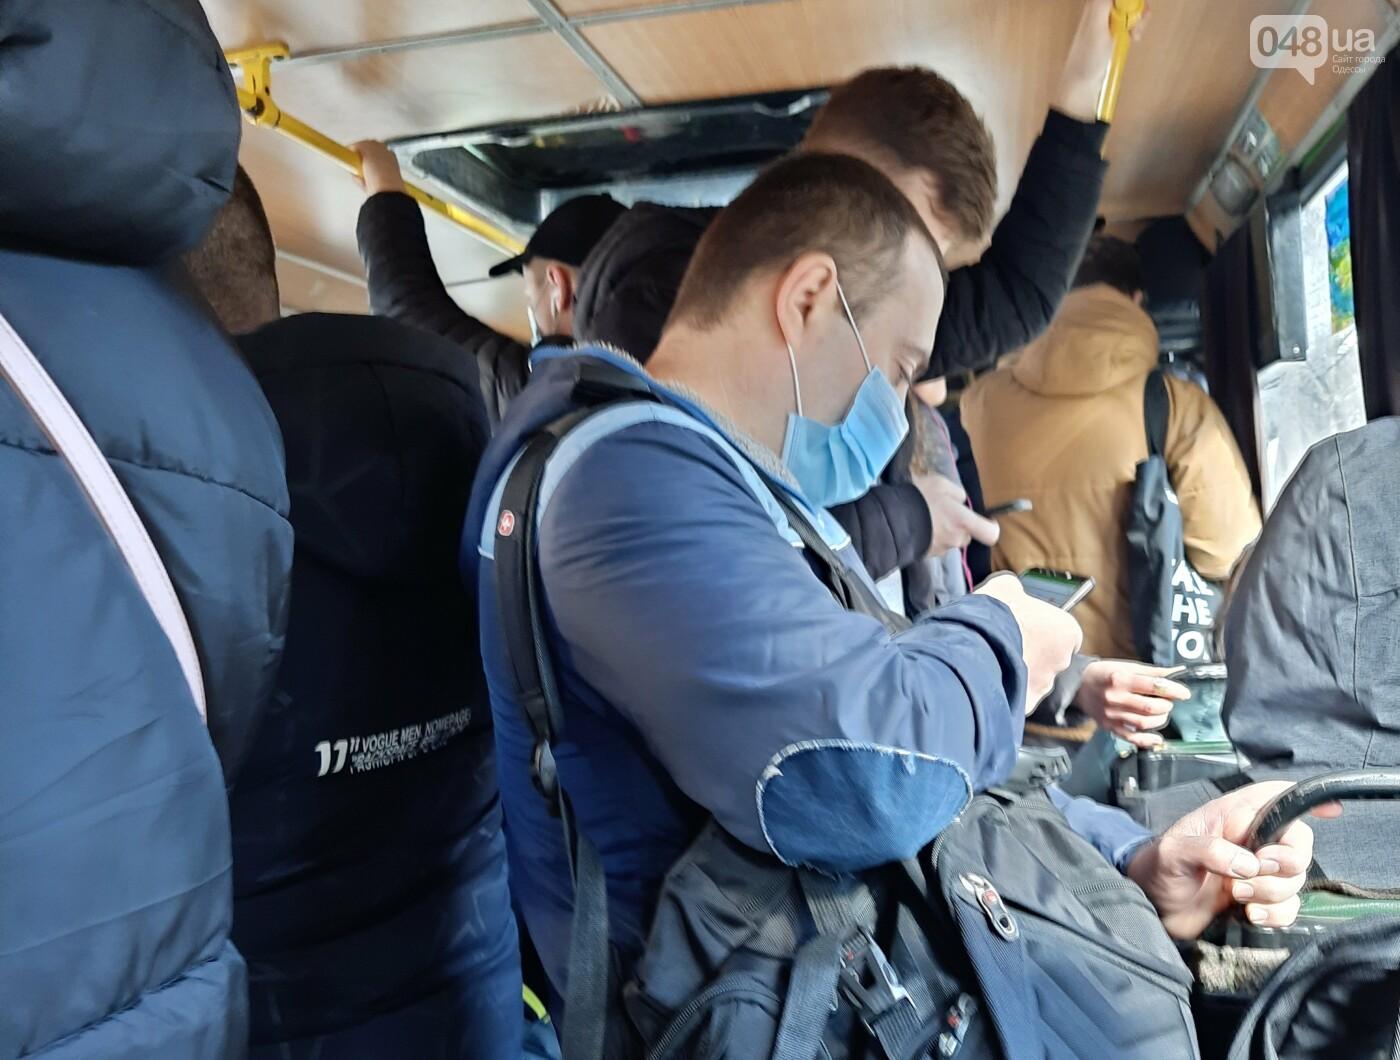 Карантин наполовину: как в Одессе работает общественный транспорт, - ФОТО  , фото-1